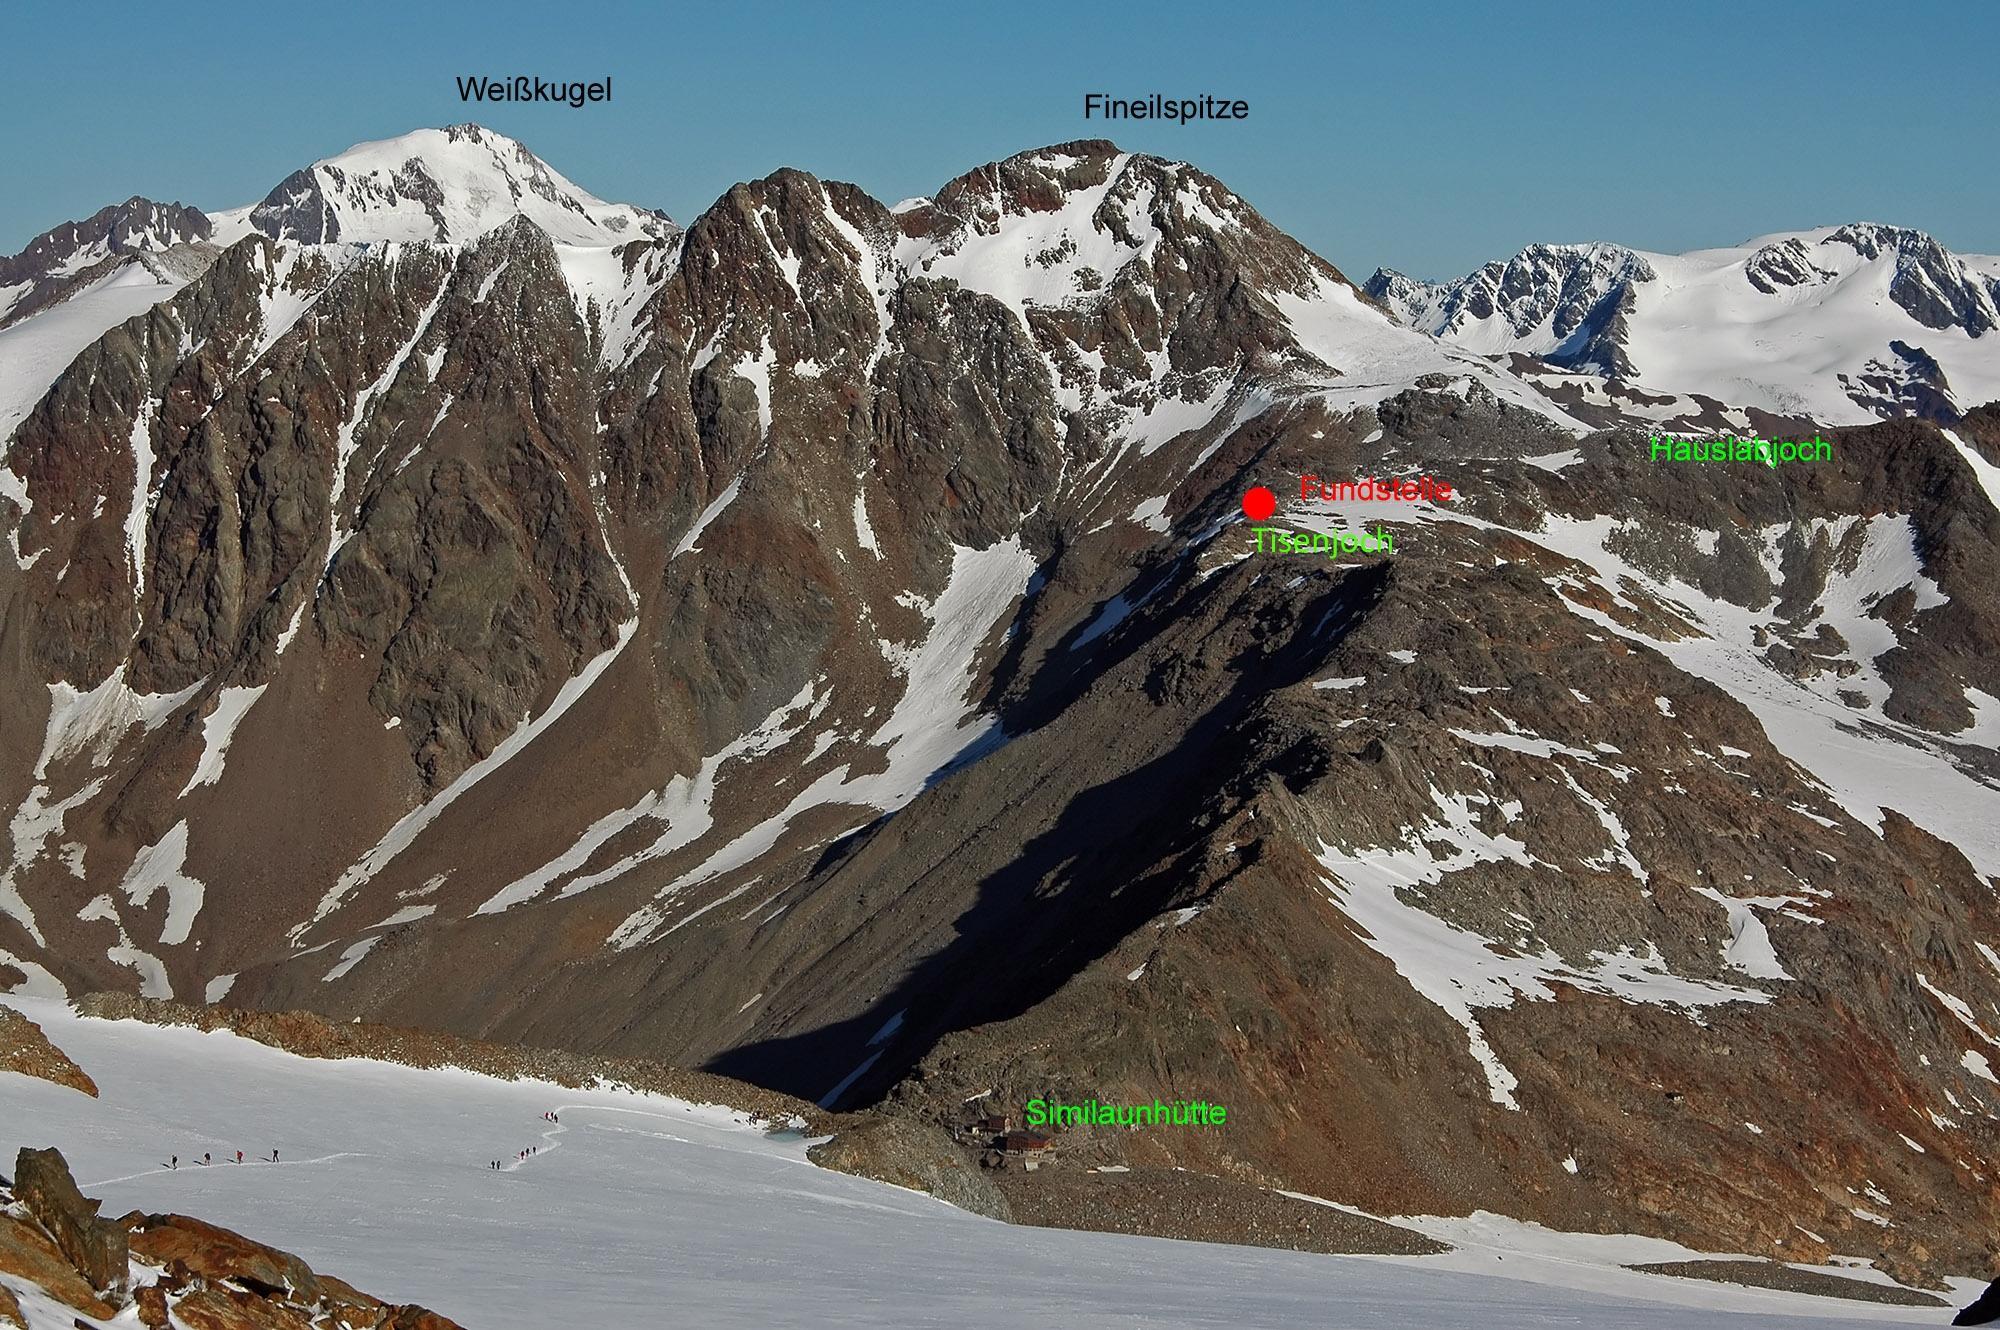 Во времена ледяного человека Этци часть альпийских вершин, возможно, была свободна ото льда